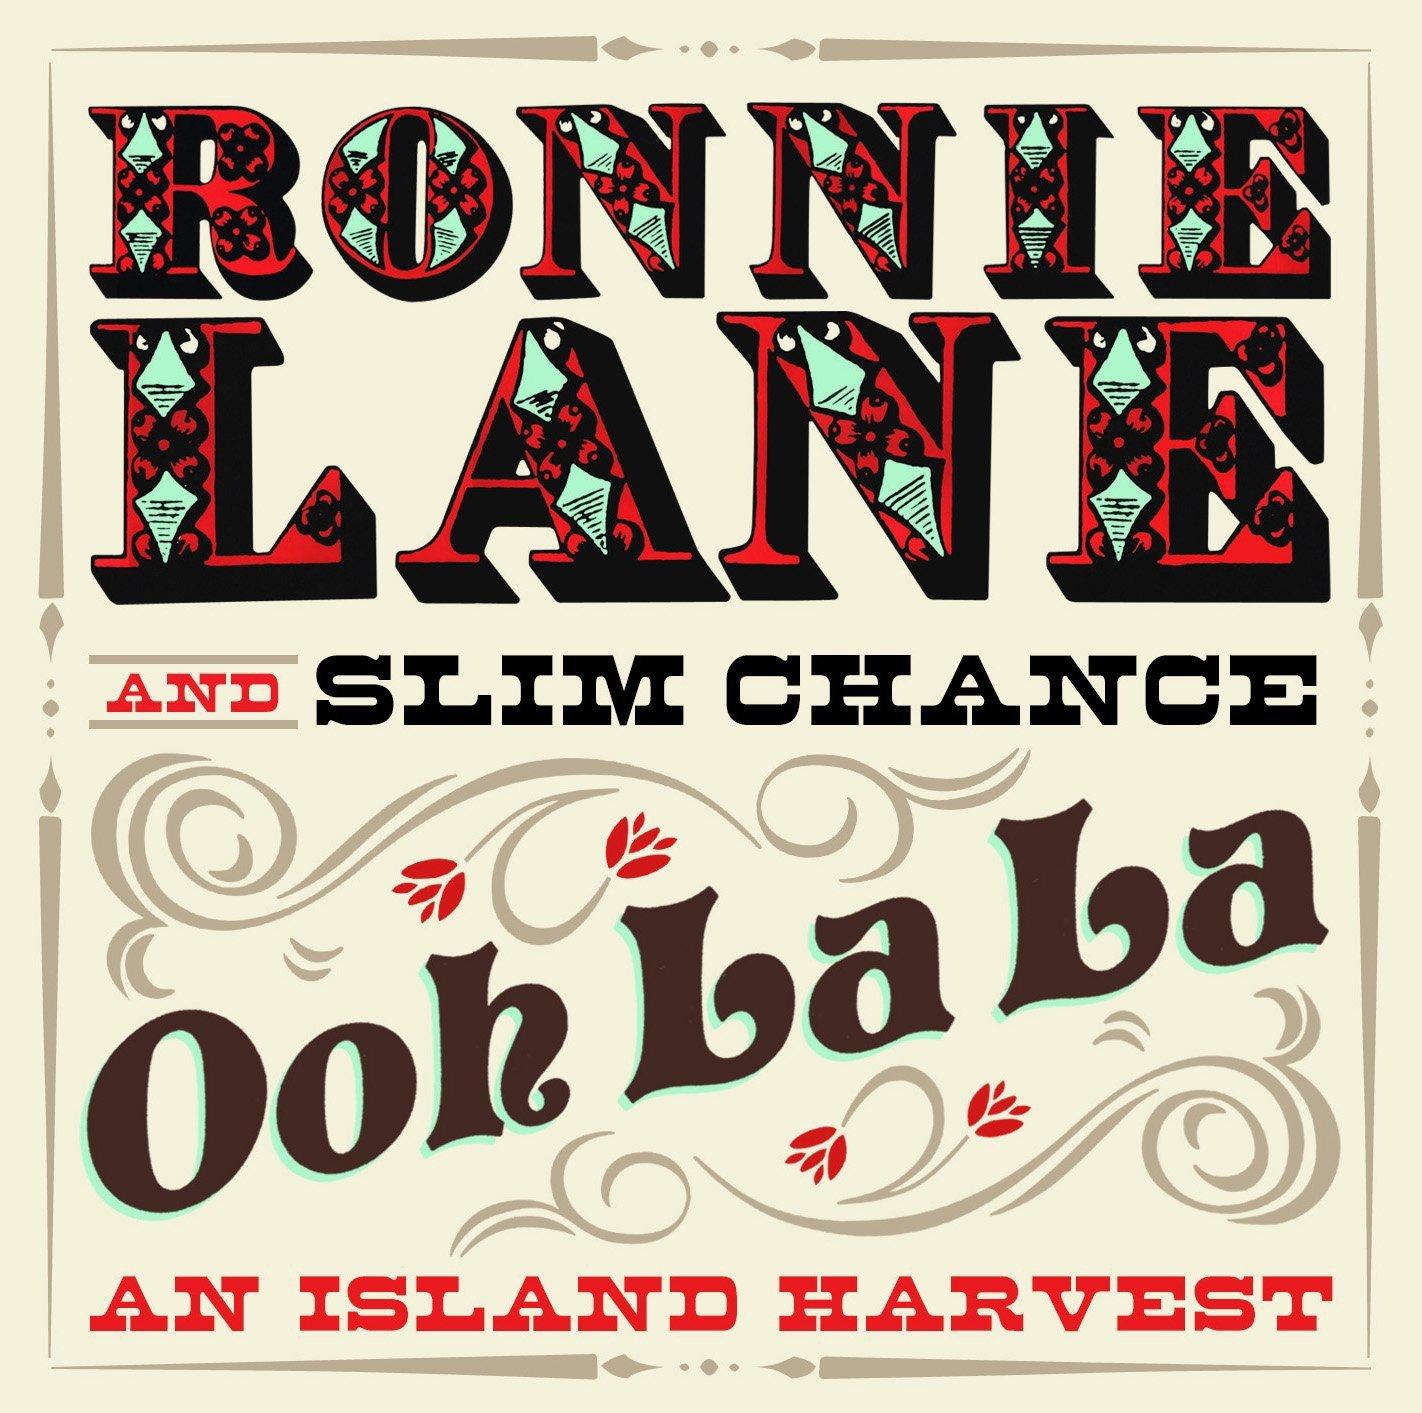 Ooh La La : An Island Harvest